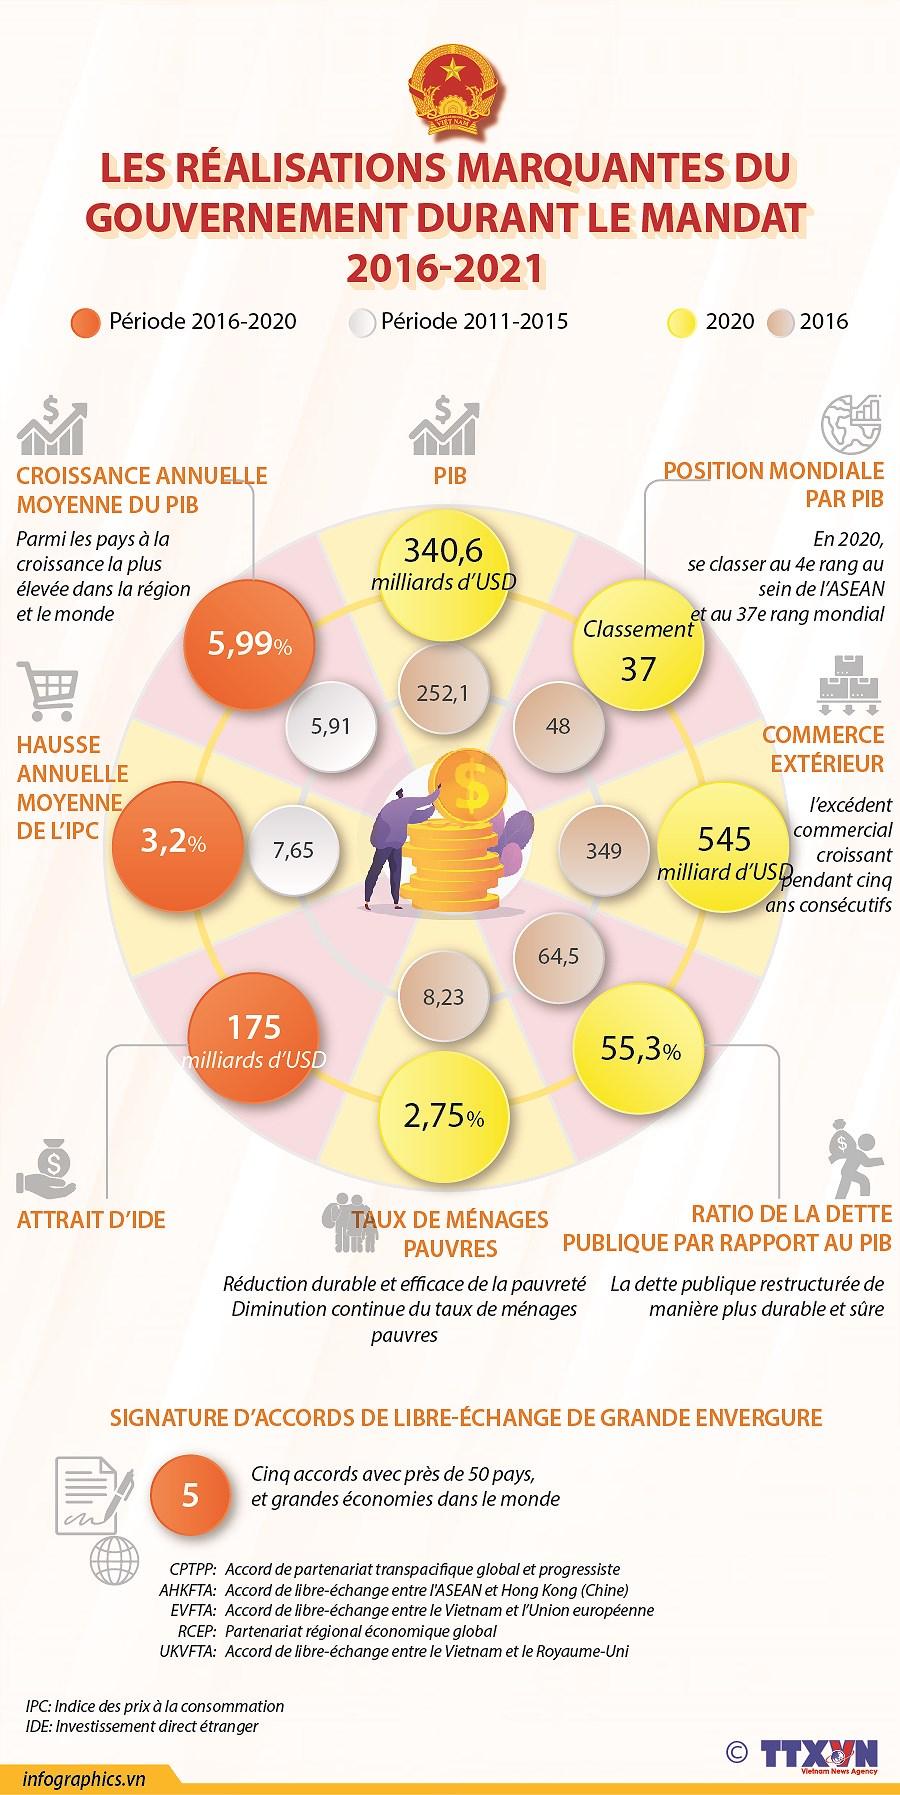 Les realisations marquantes du gouvernement durant le mandat 2016-2021 hinh anh 1